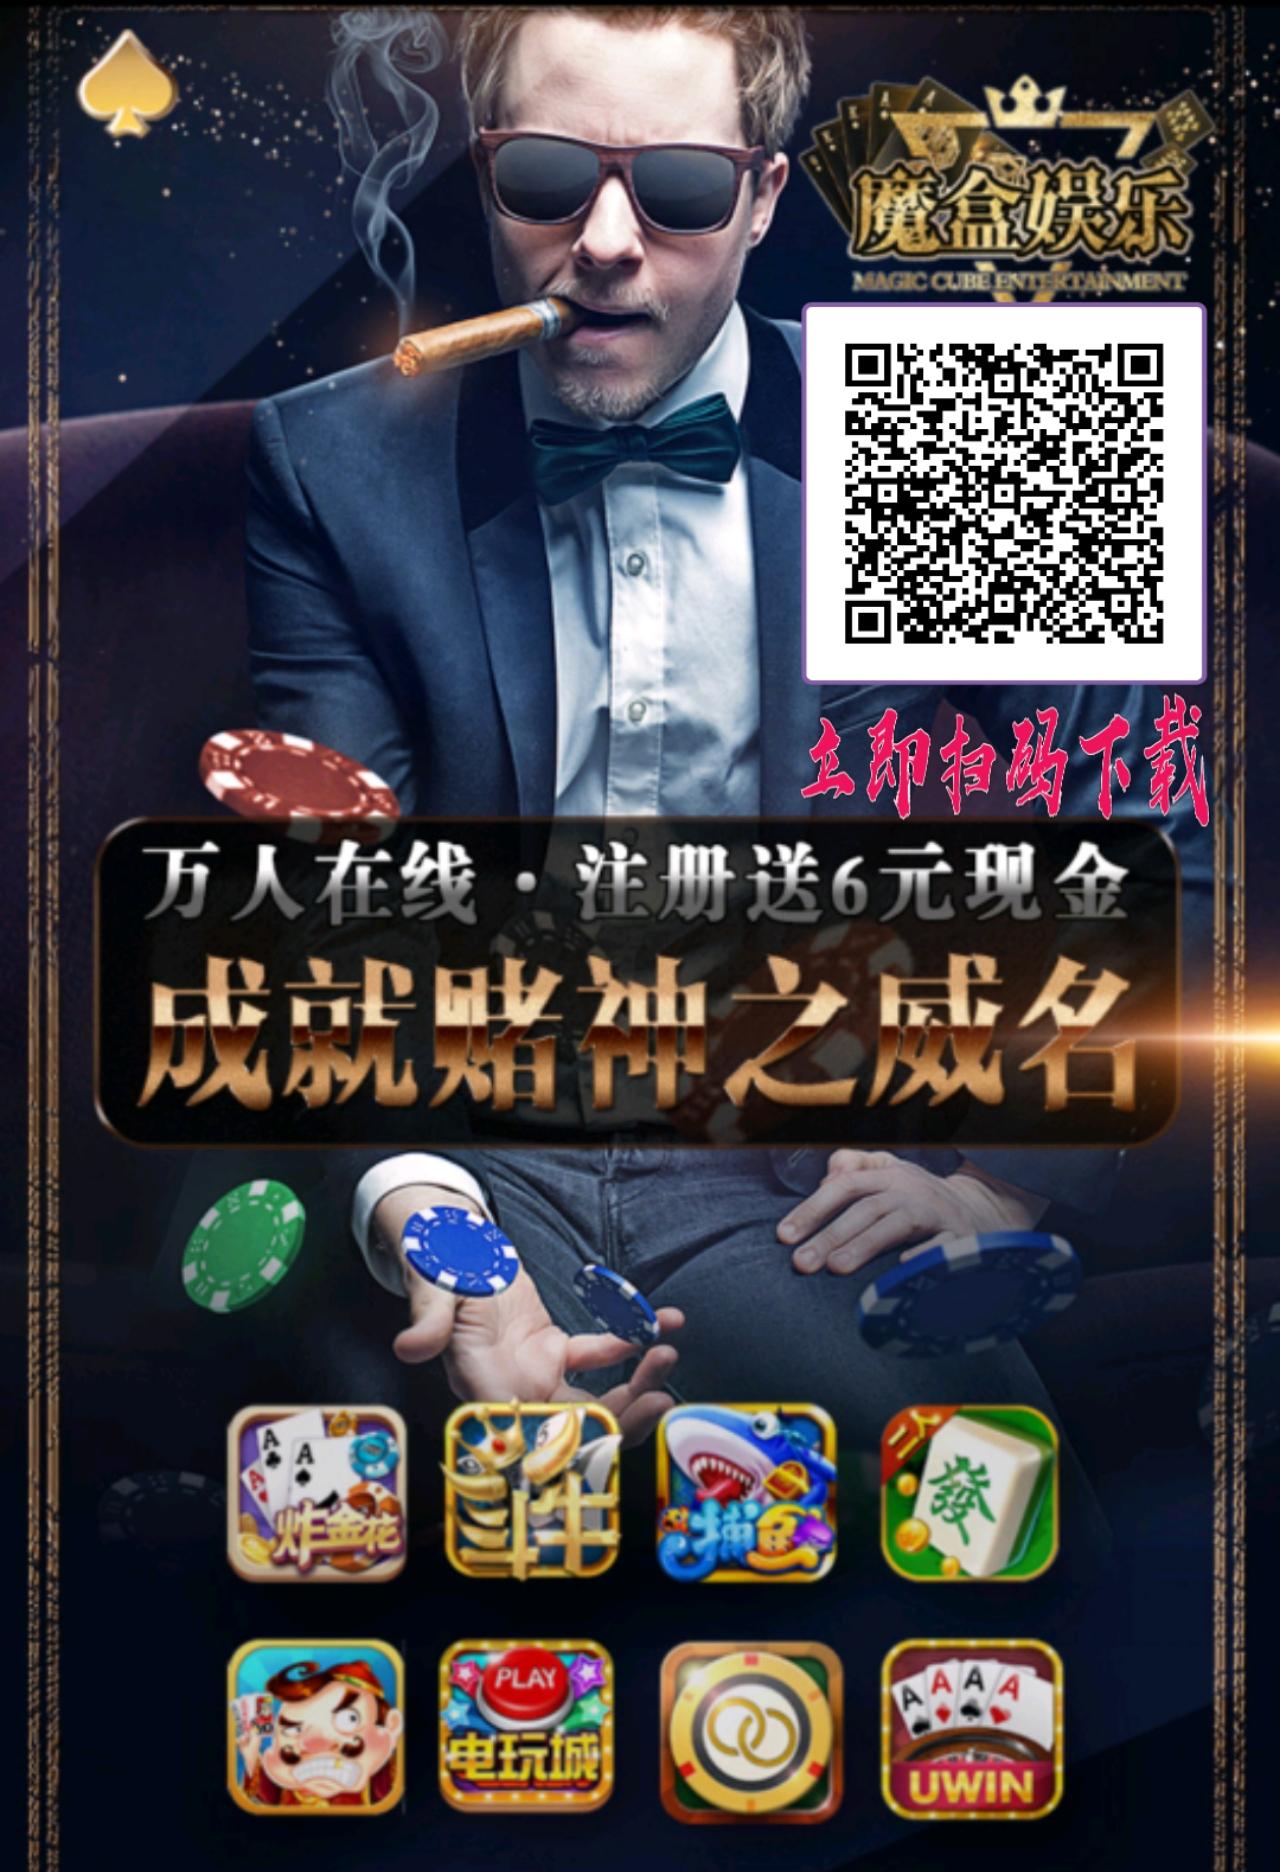 魔盒娱乐、魔盒棋牌下载、魔盒娱乐官方、魔盒娱乐下载、魔盒棋牌官网